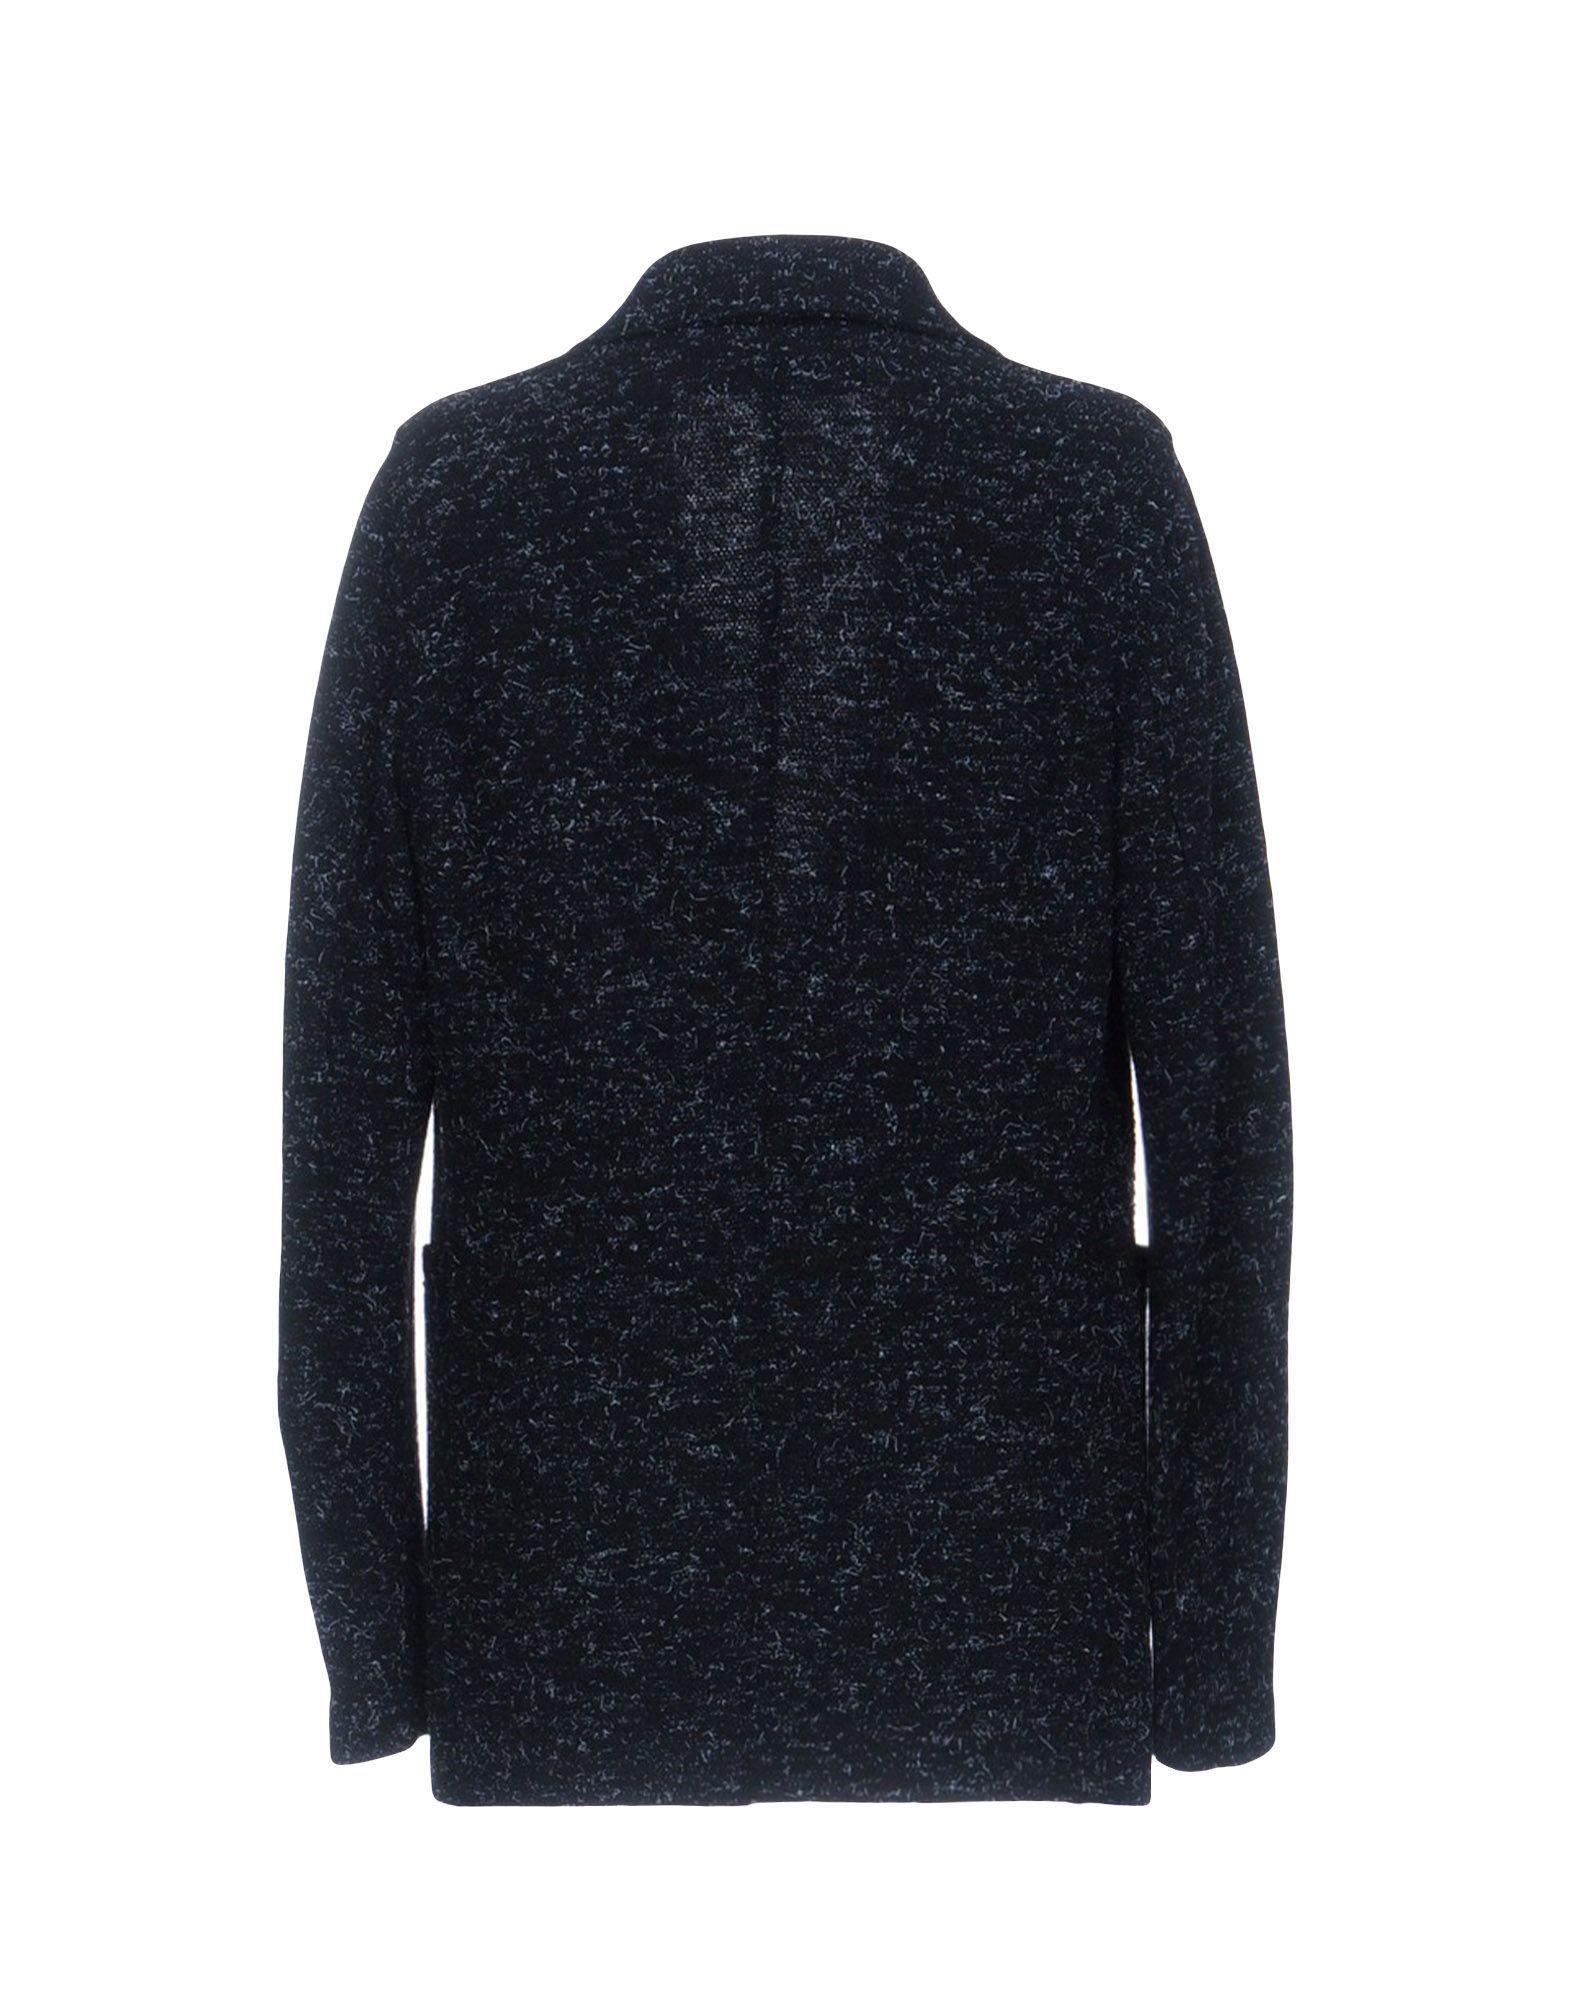 Harris Wharf London Black Virgin Wool Double Breasted Jacket